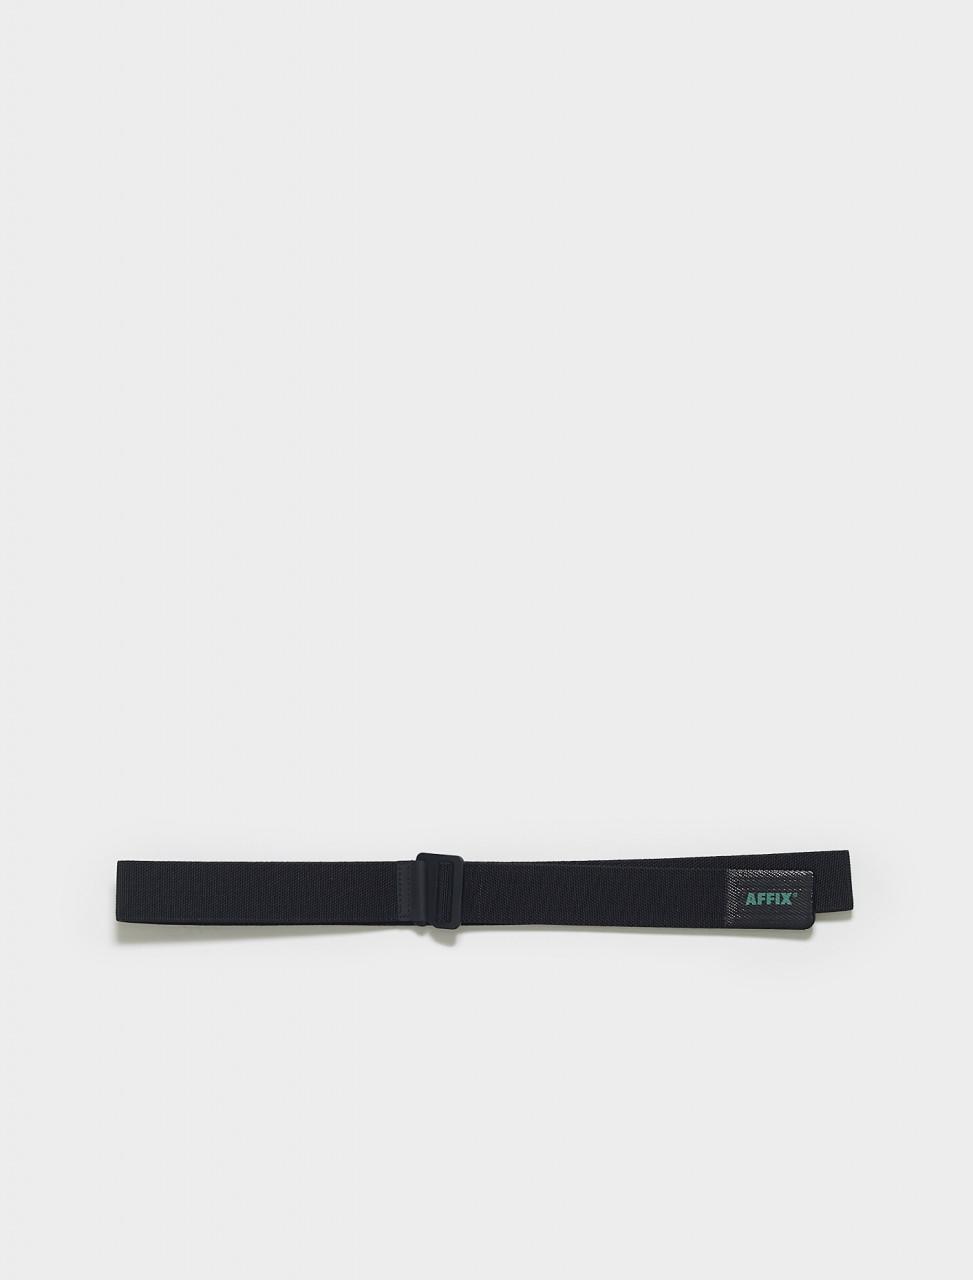 SS21AC03-Black AFFIX G HOOK LOGO BELT IN BLACK